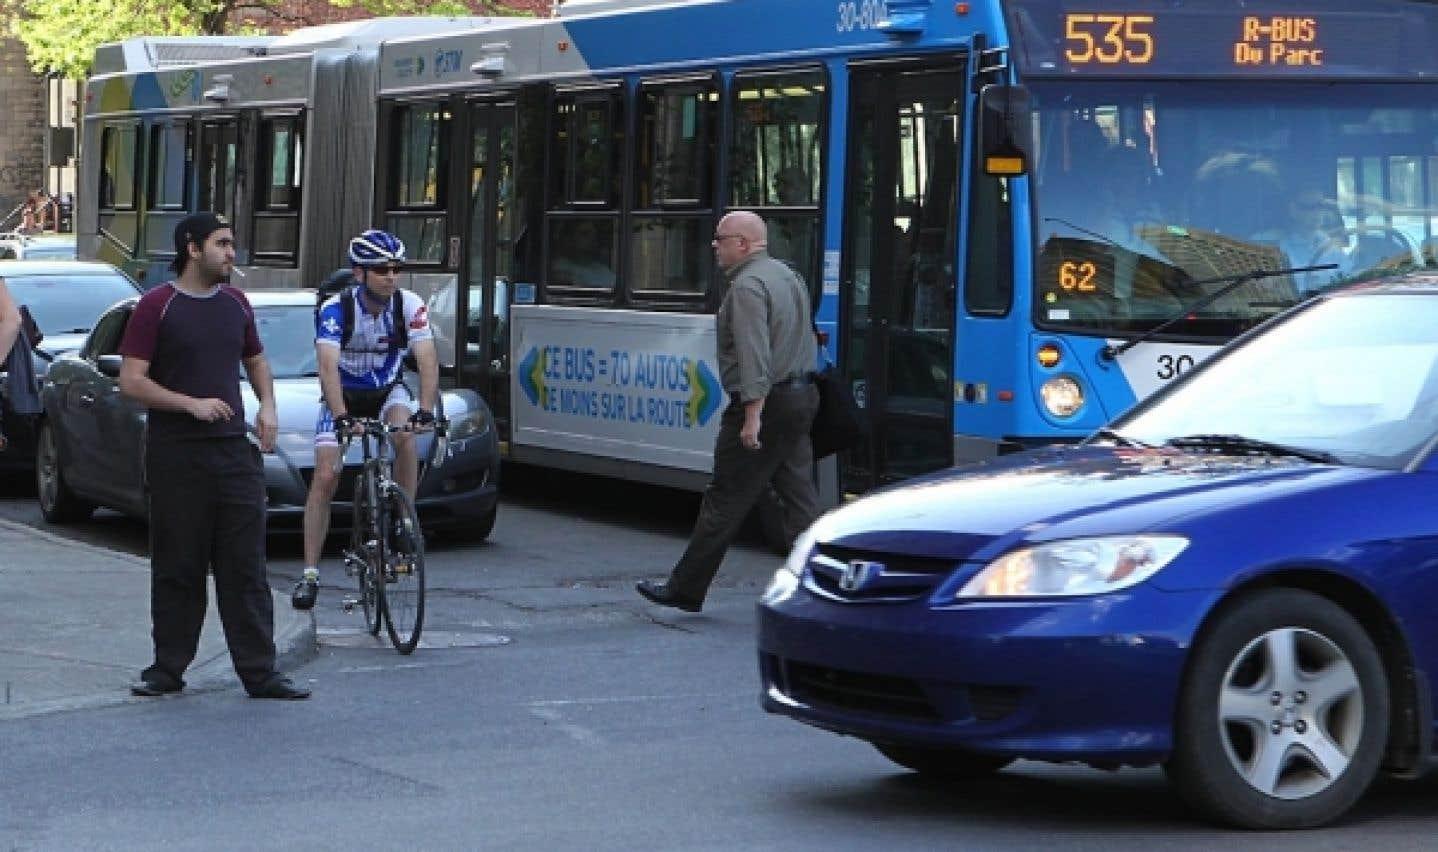 Entre 2006 et 2011, au Québec, le nombre d'autobus est passé de 3169 à 3536, une hausse de près de 400 véhicules, soit 12 %.